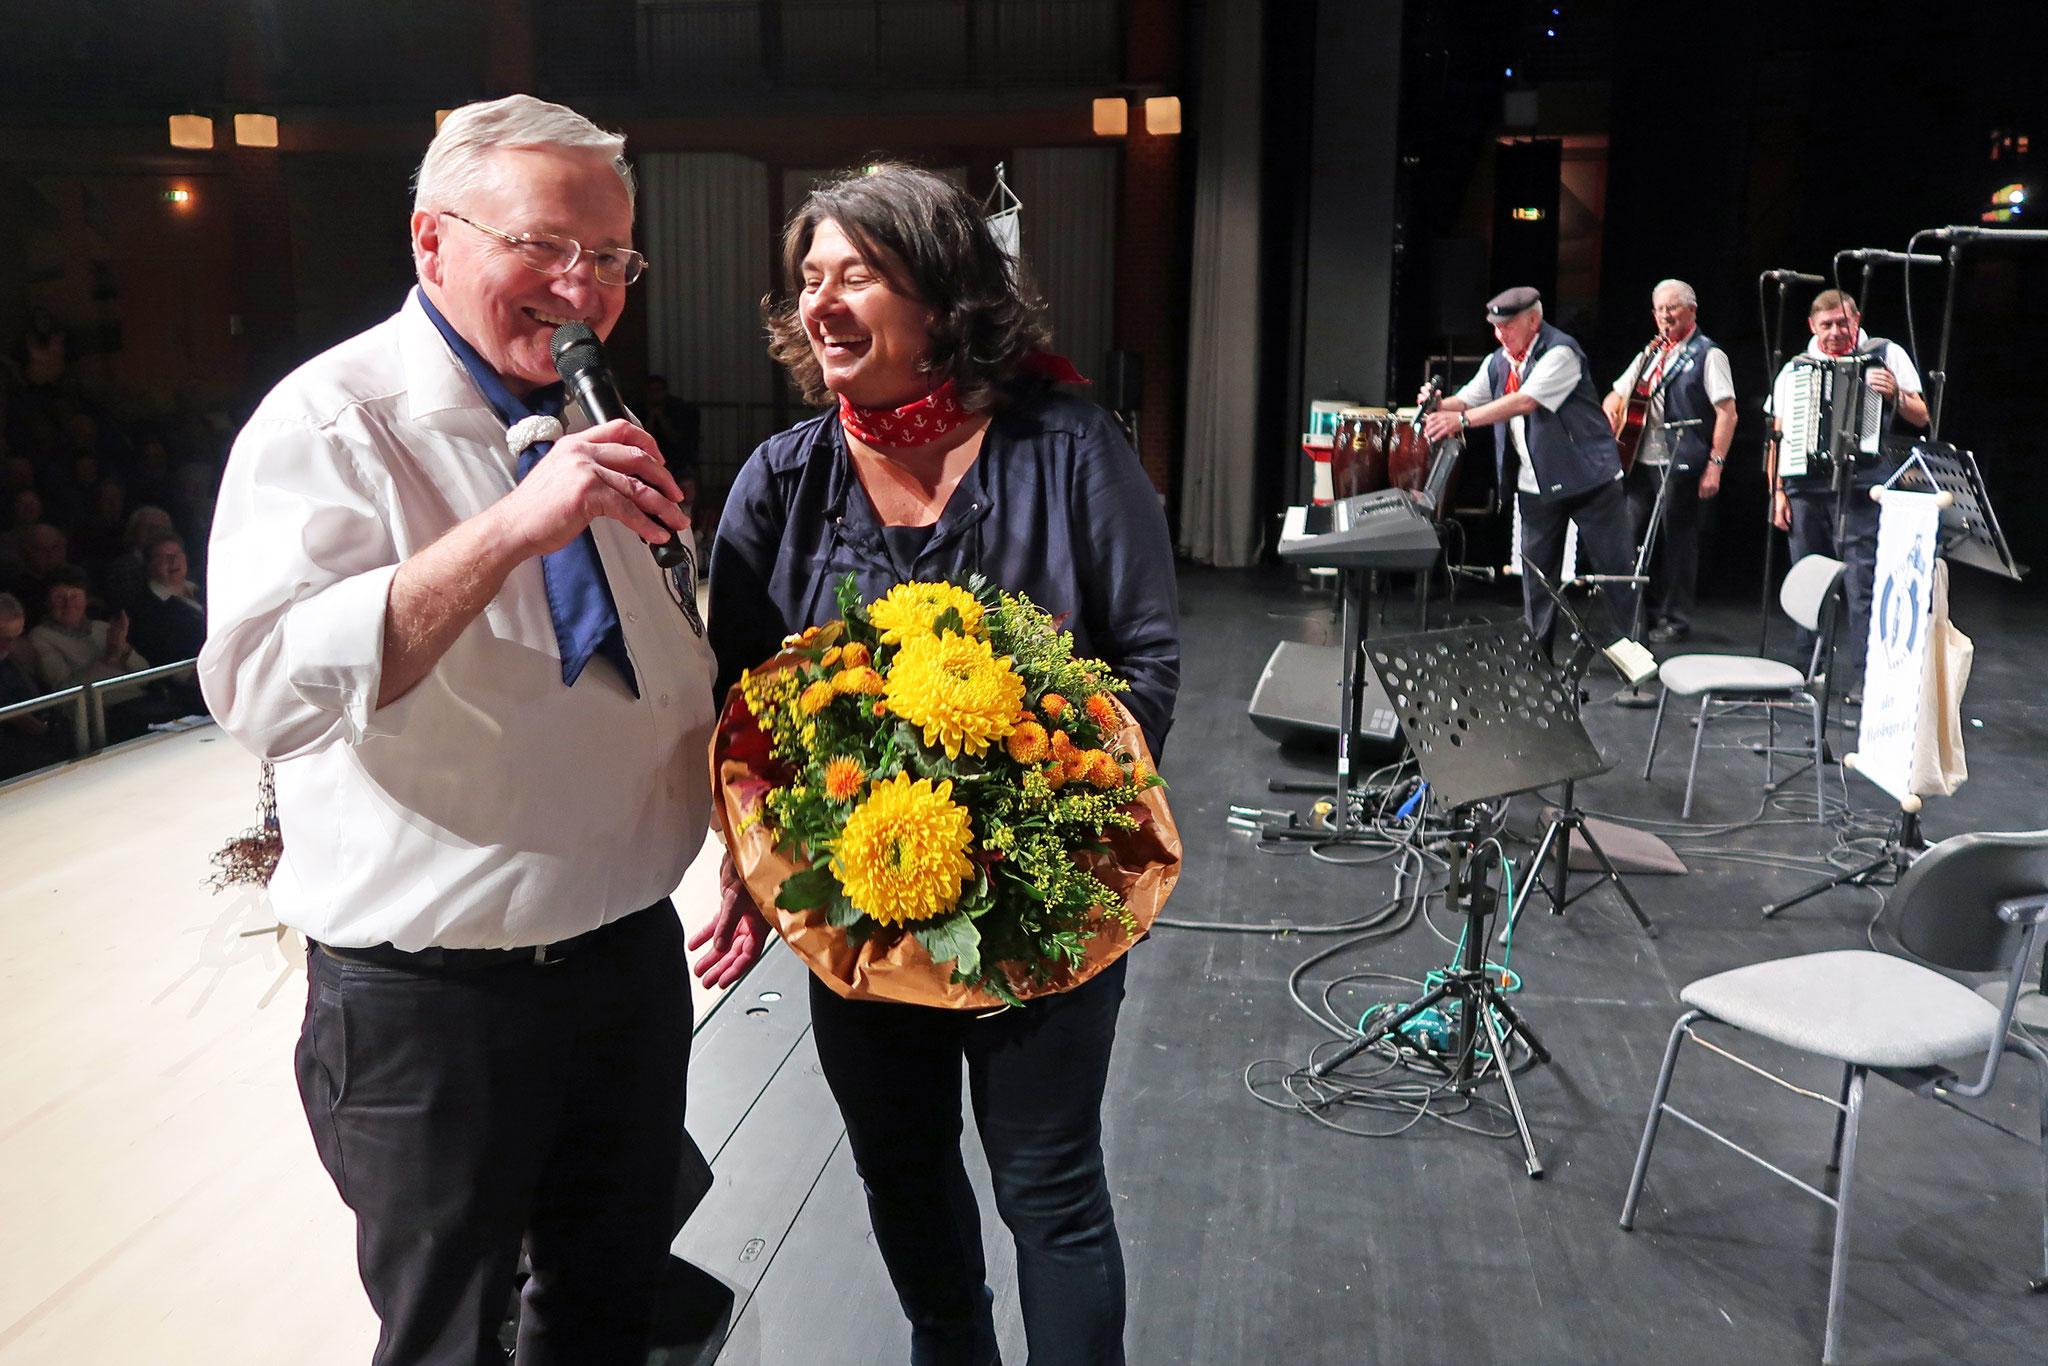 Unsere Musikalische Leiterin Silke Bolz, hat einen Blumenstrauß bekommen.